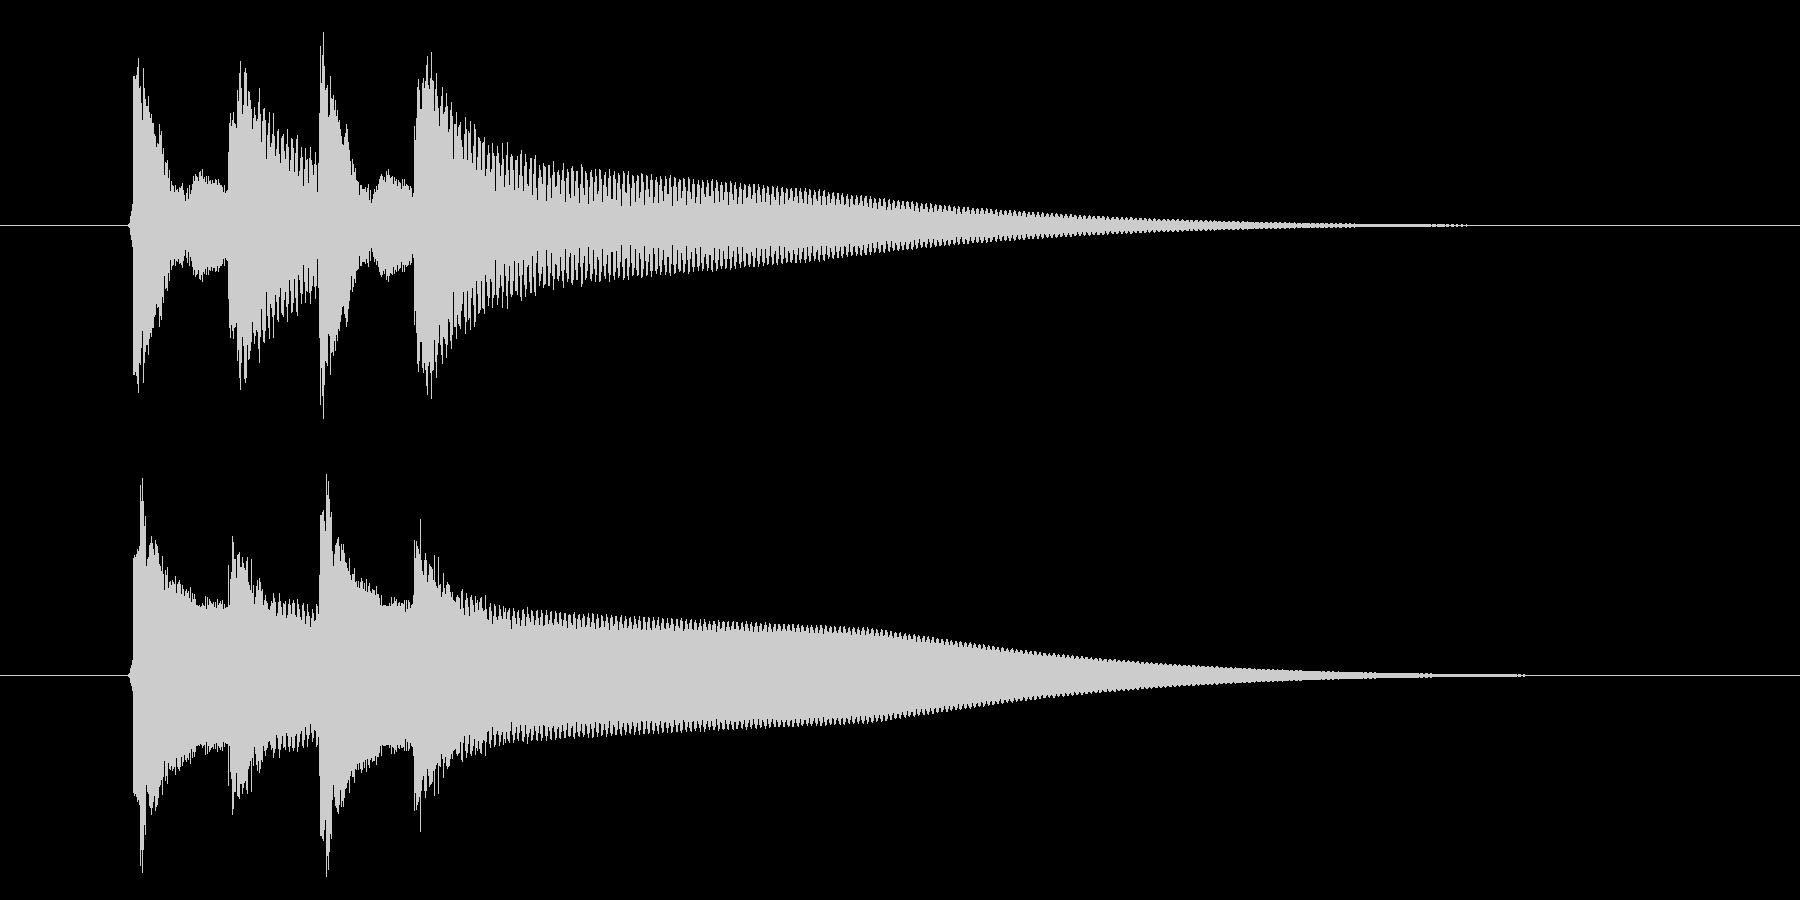 【生録音】ピンポンピンポン(速度-早め)の未再生の波形